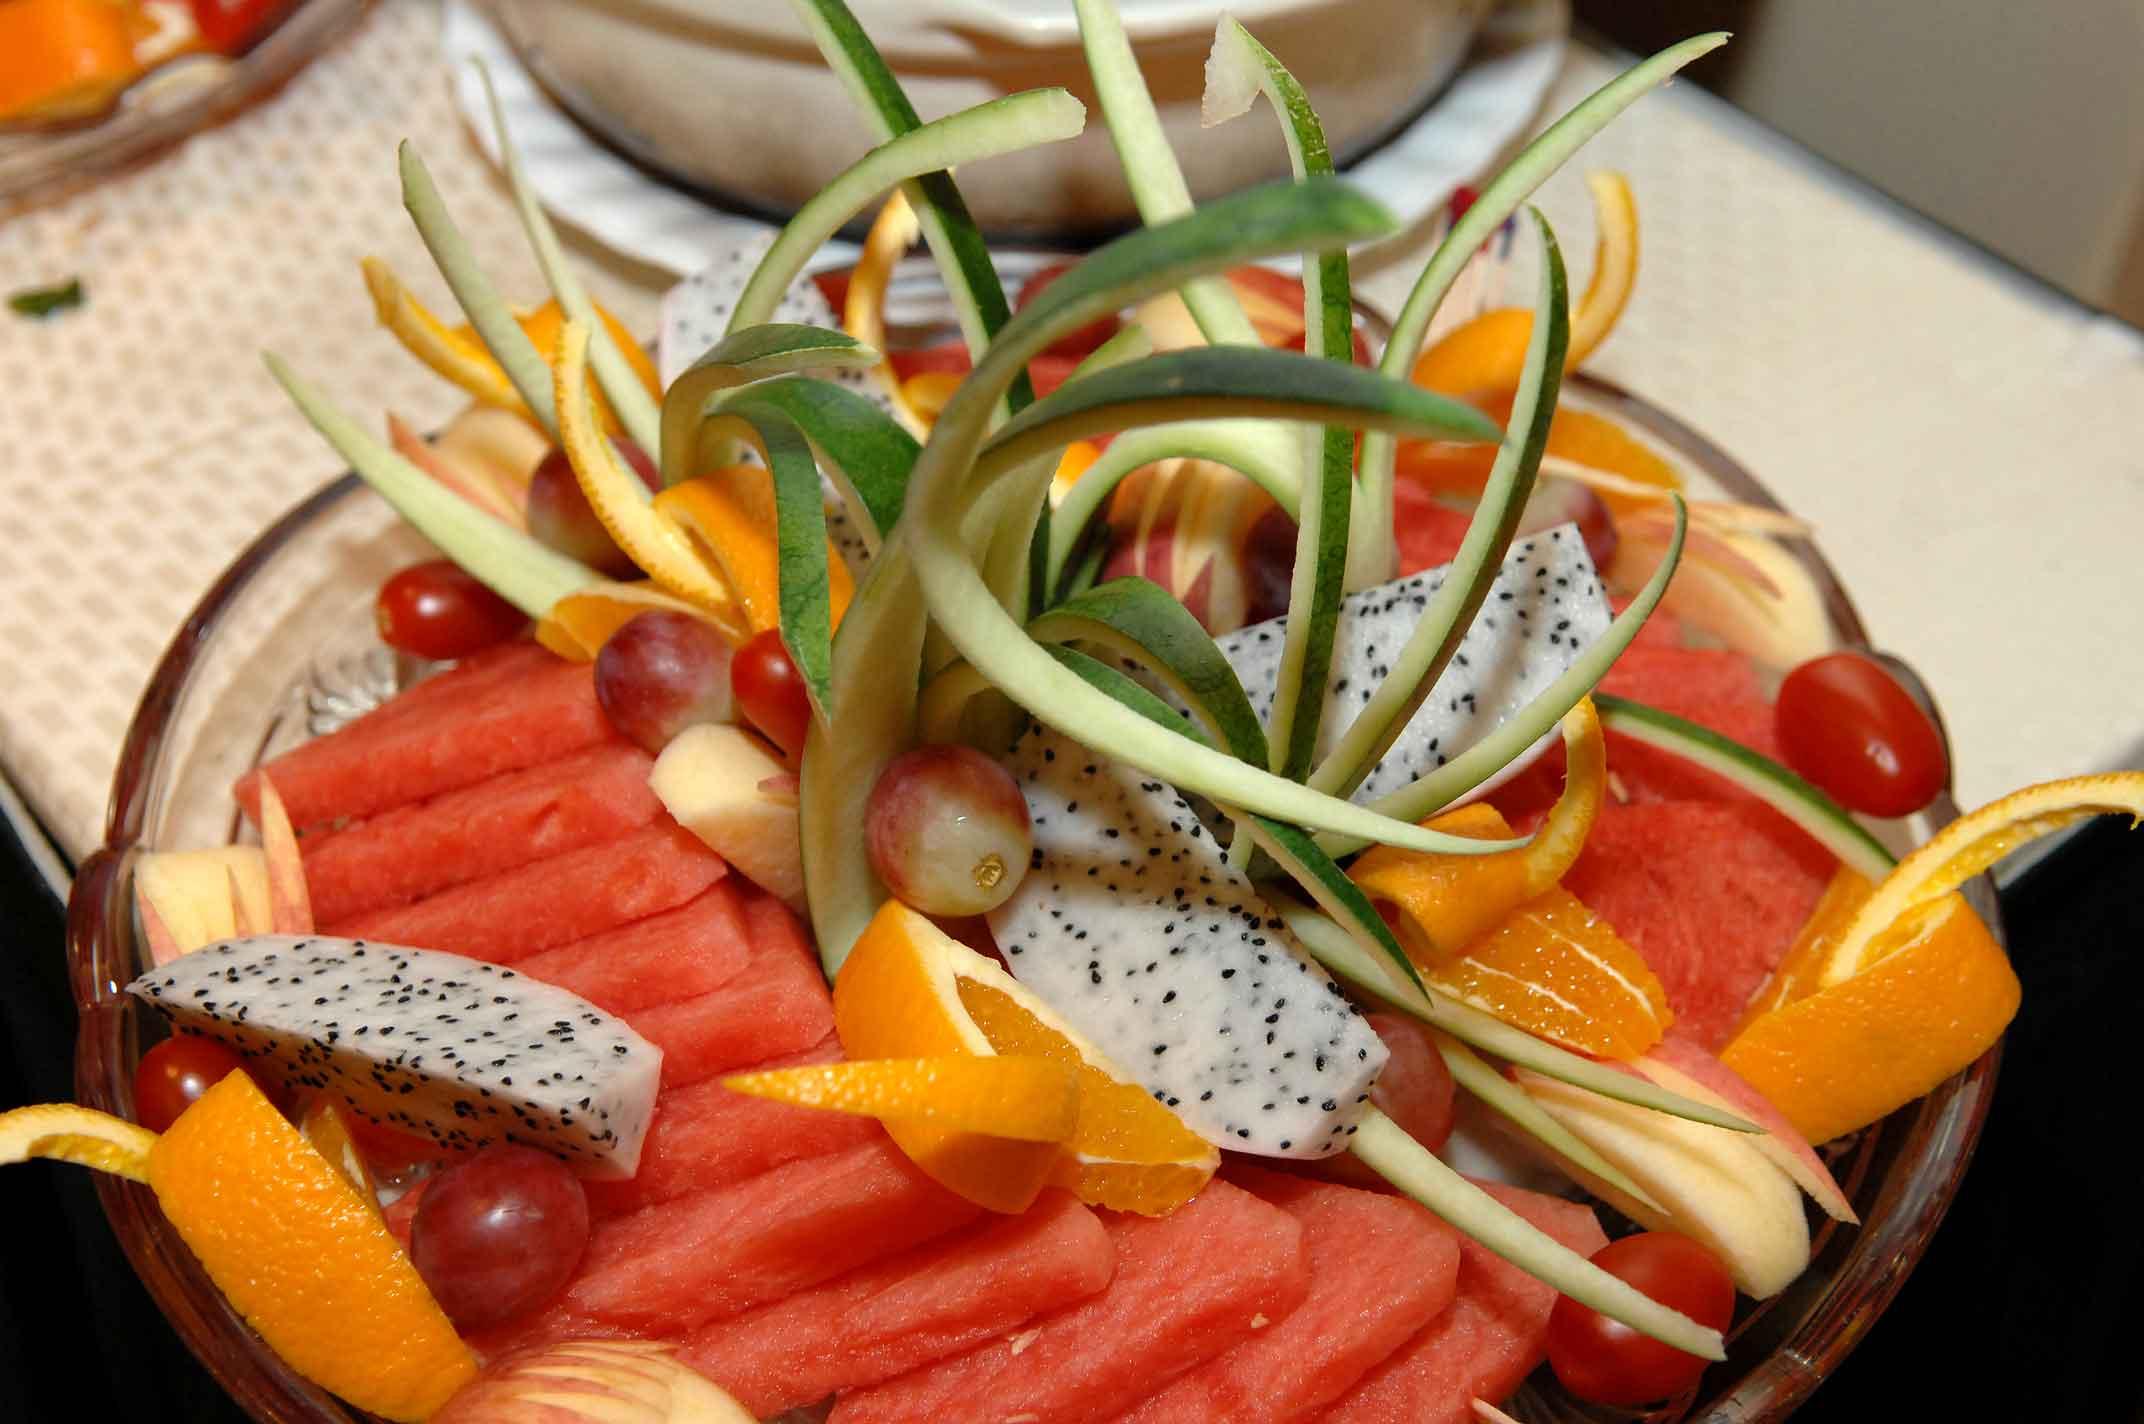 E-spring fruit platter